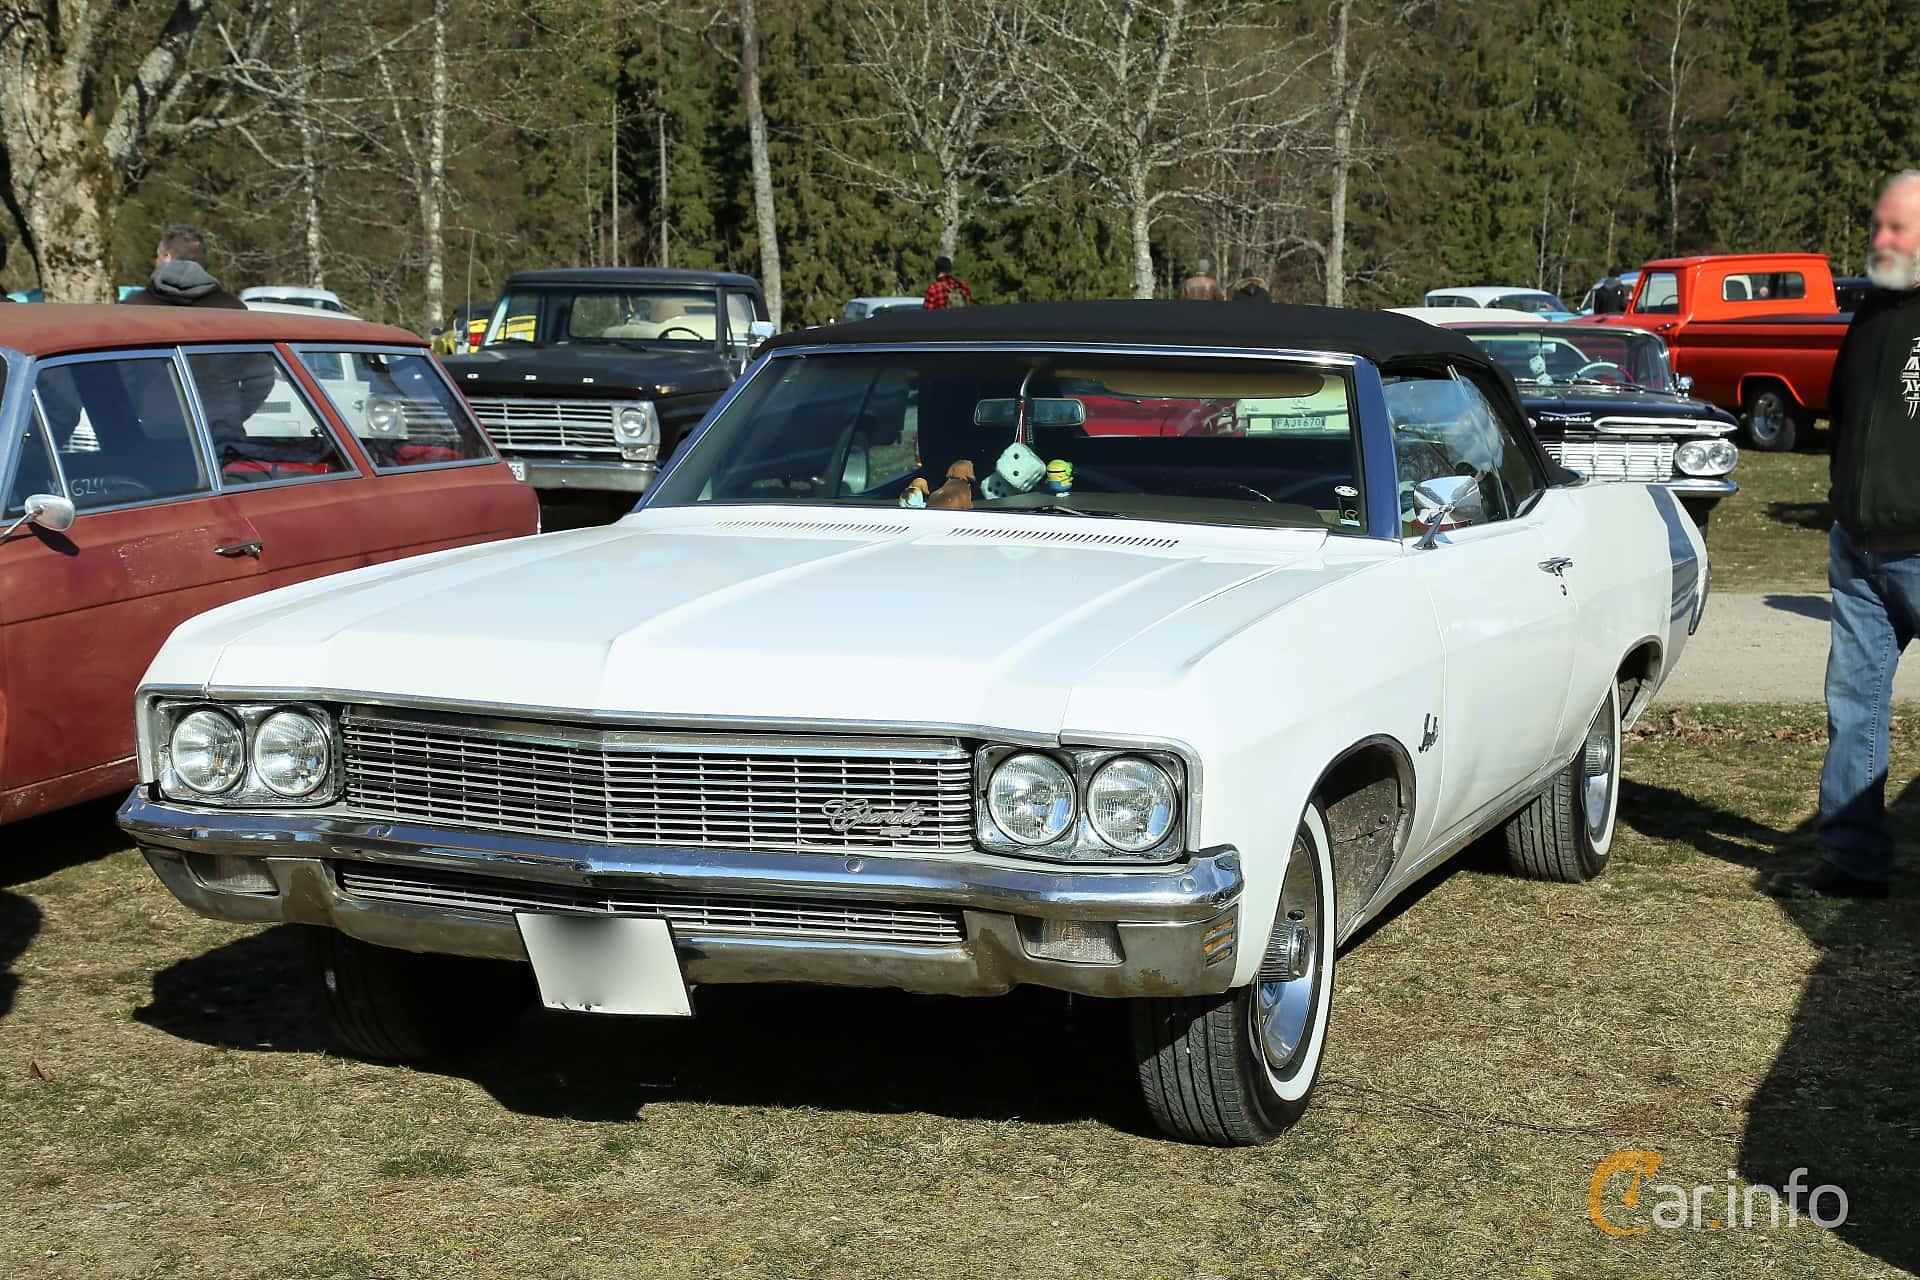 Chevrolet Impala Convertible 5.7 V8 Powerglide, 253hp, 1970 at Uddevalla Veteranbilsmarknad Backamo, Ljungsk 2019